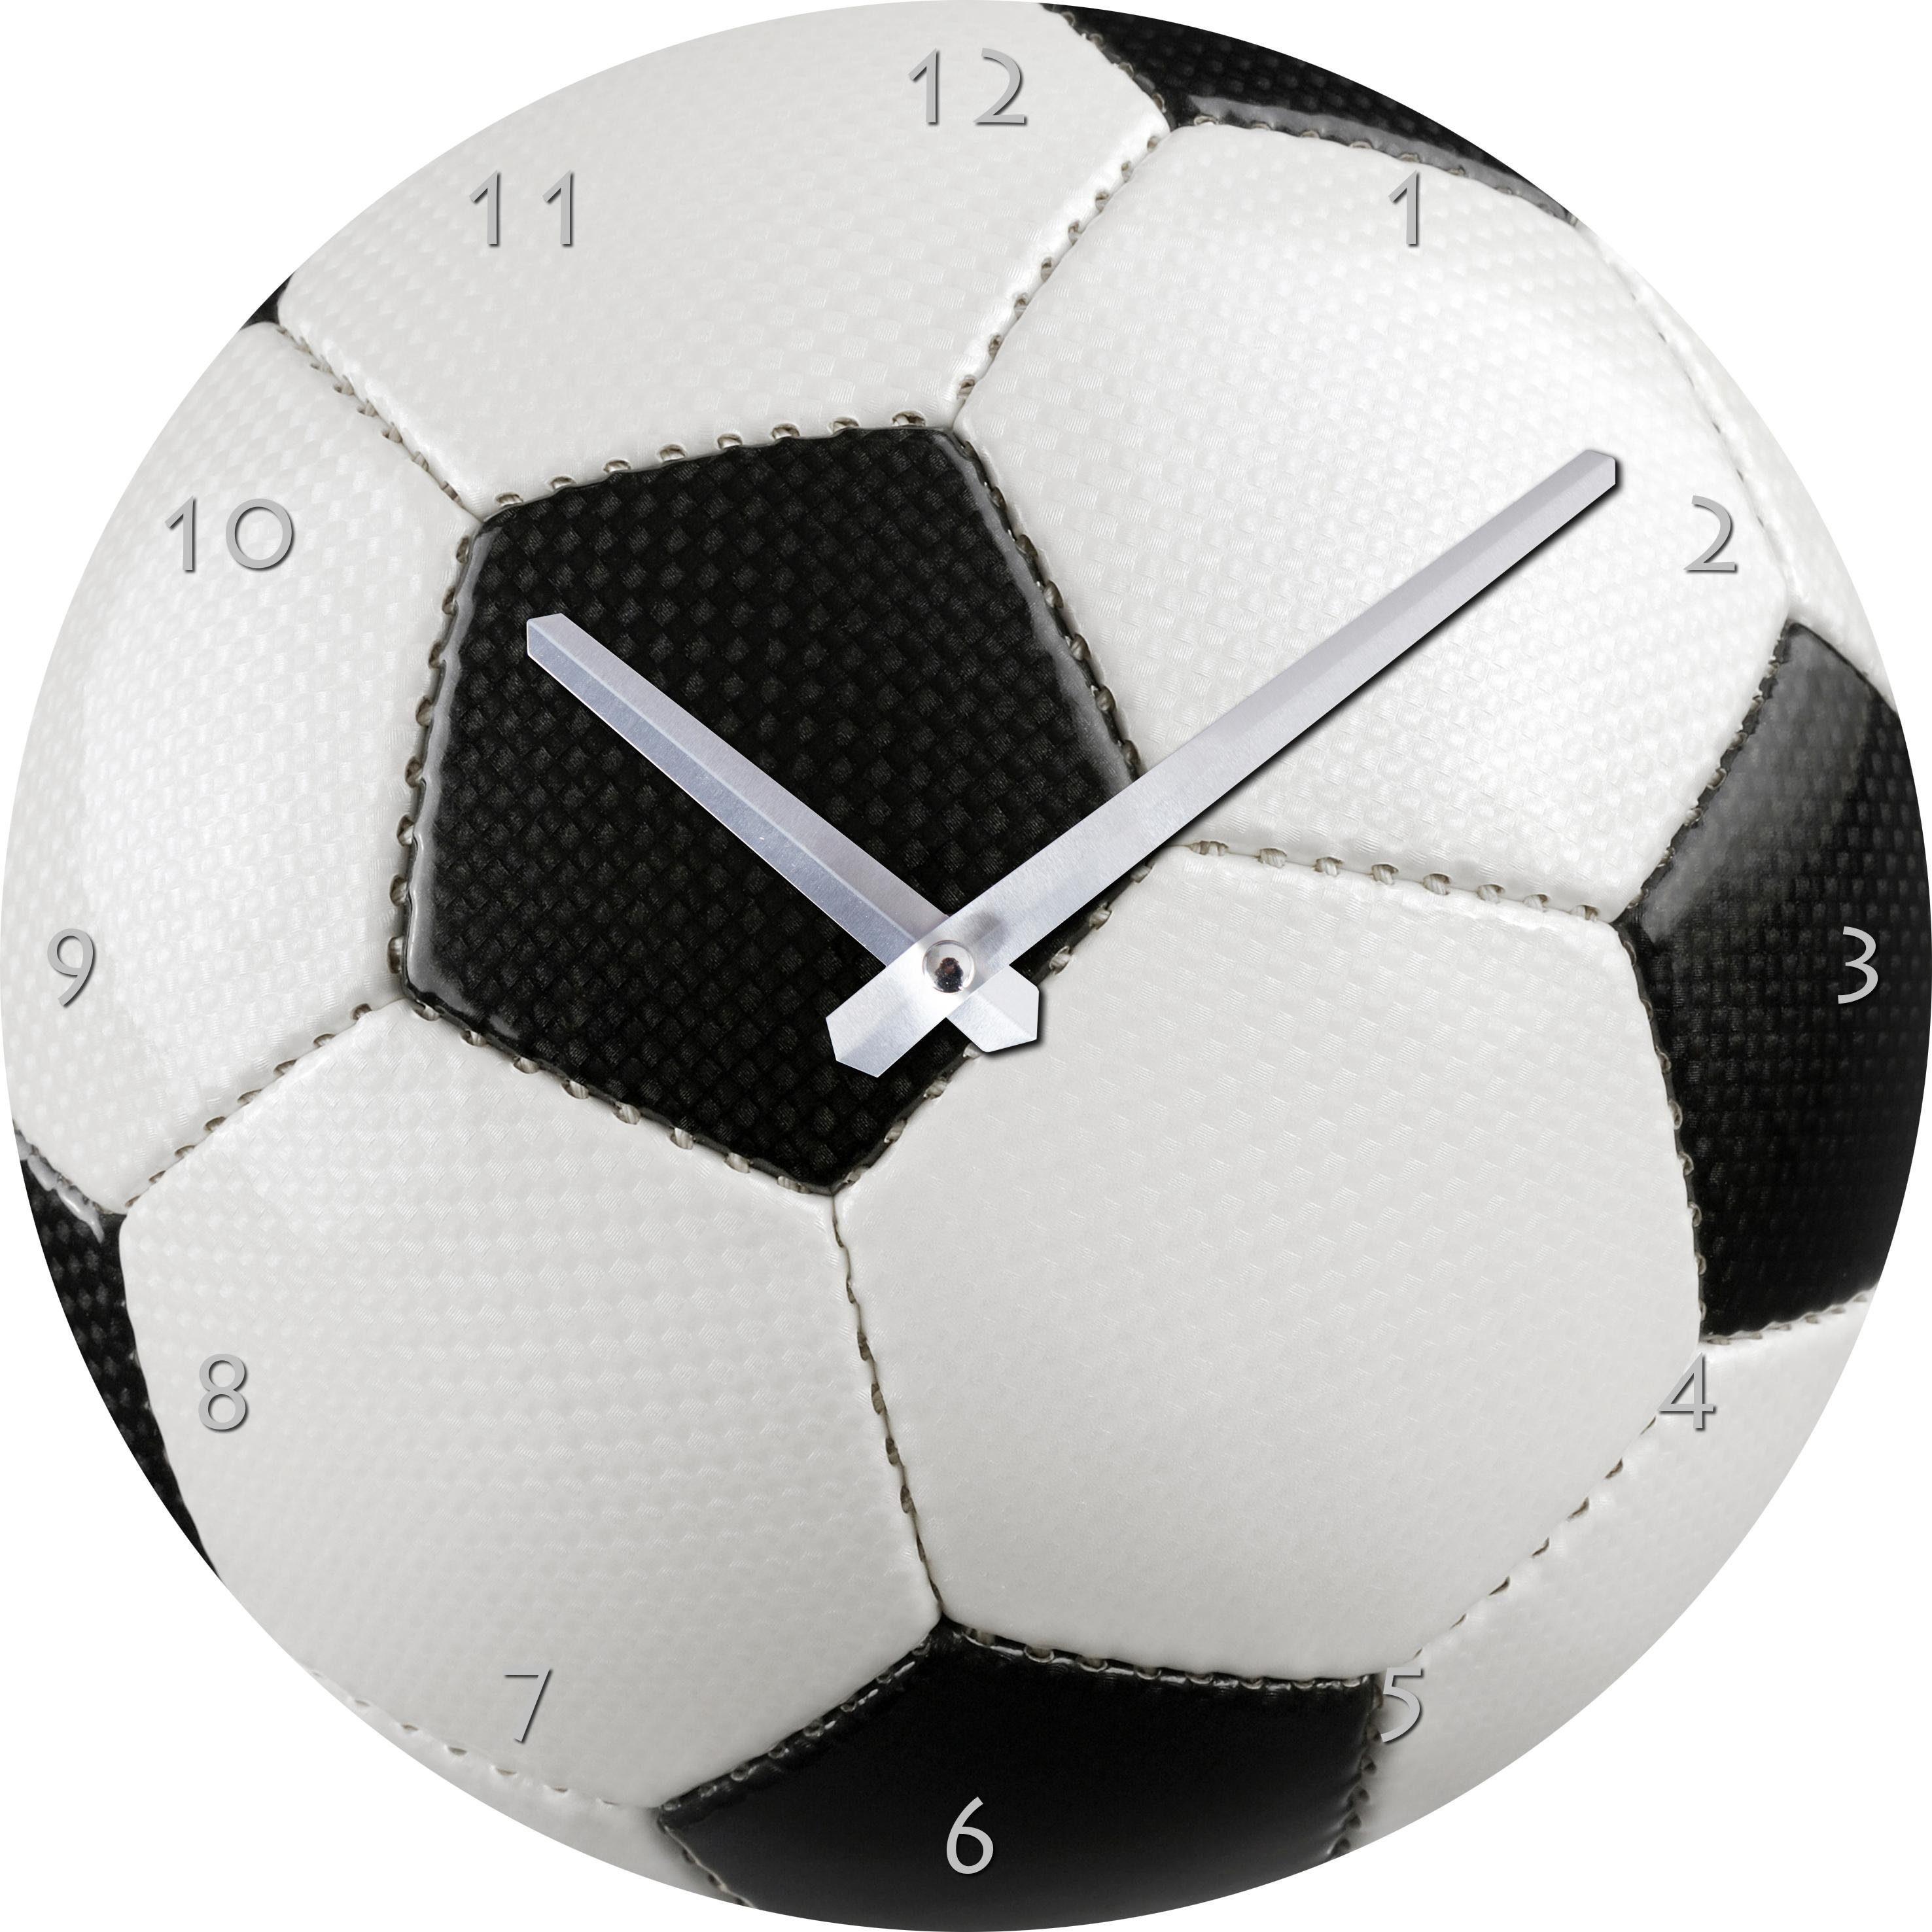 Wanduhr »Fußball« Ø 25 cm